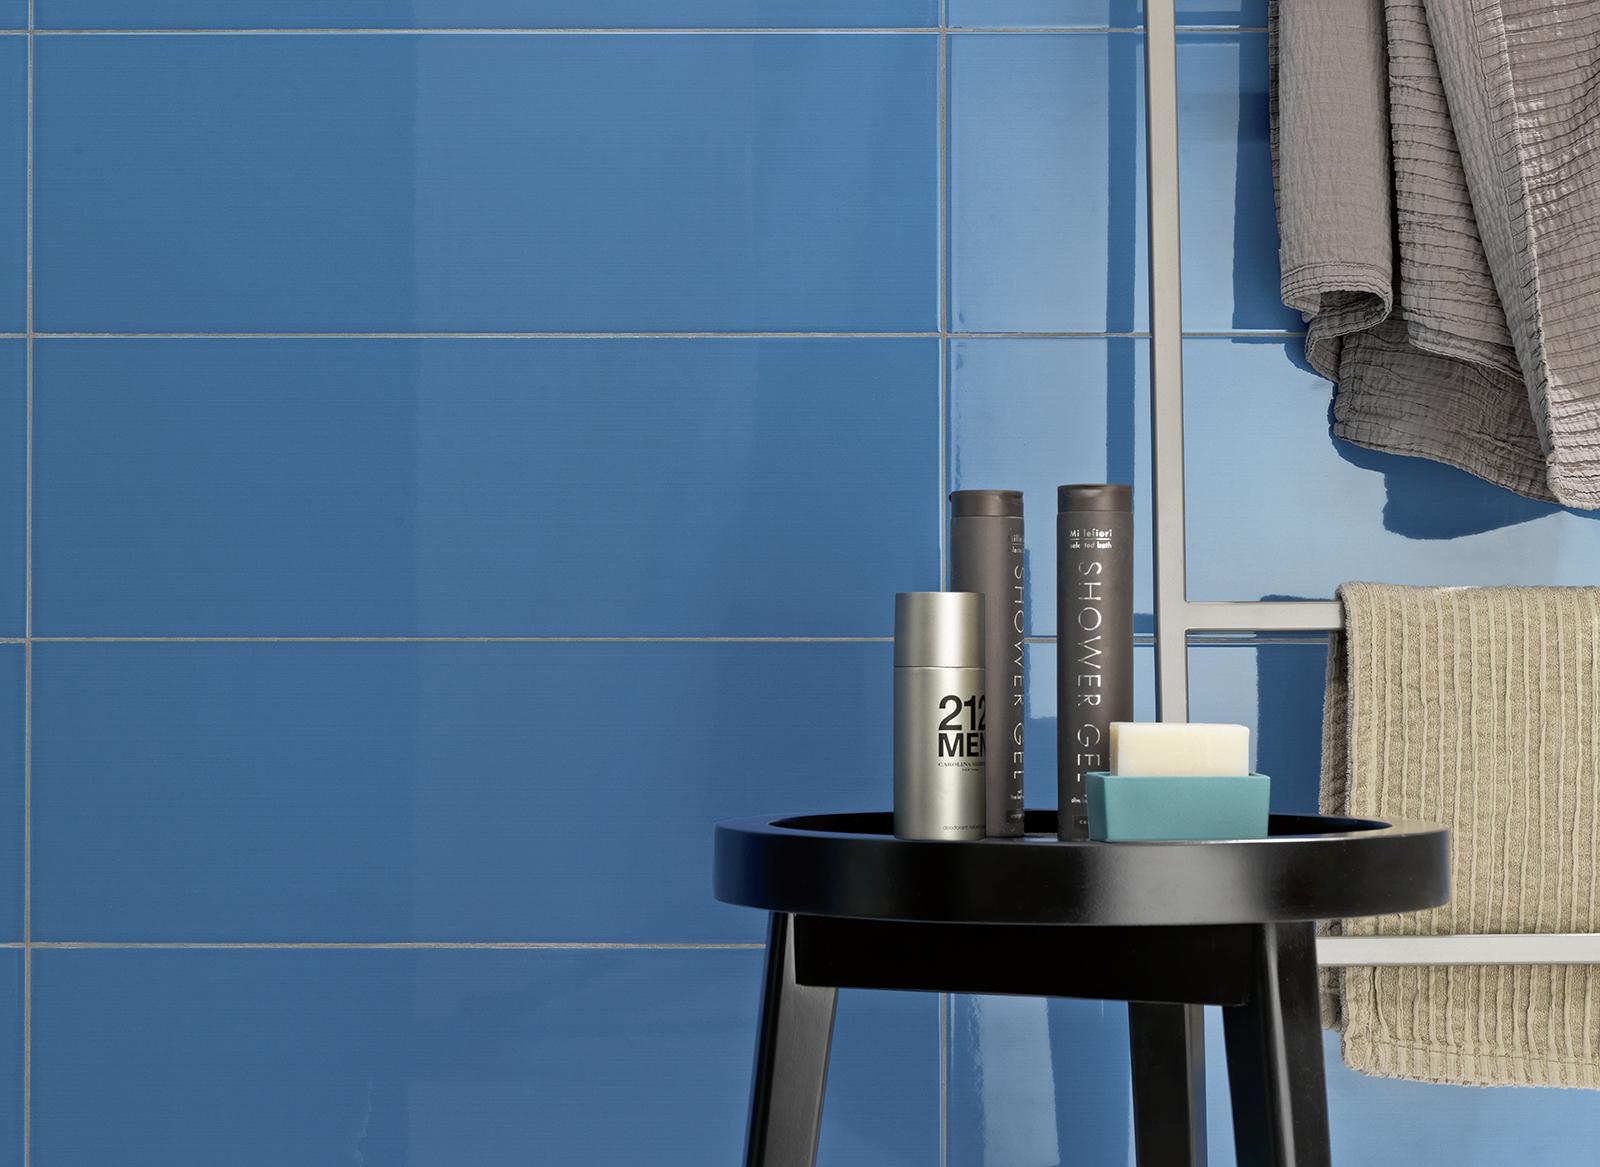 Bathroom tiles blue colour - Blue Tiles View Our Collections Marazzi 4816